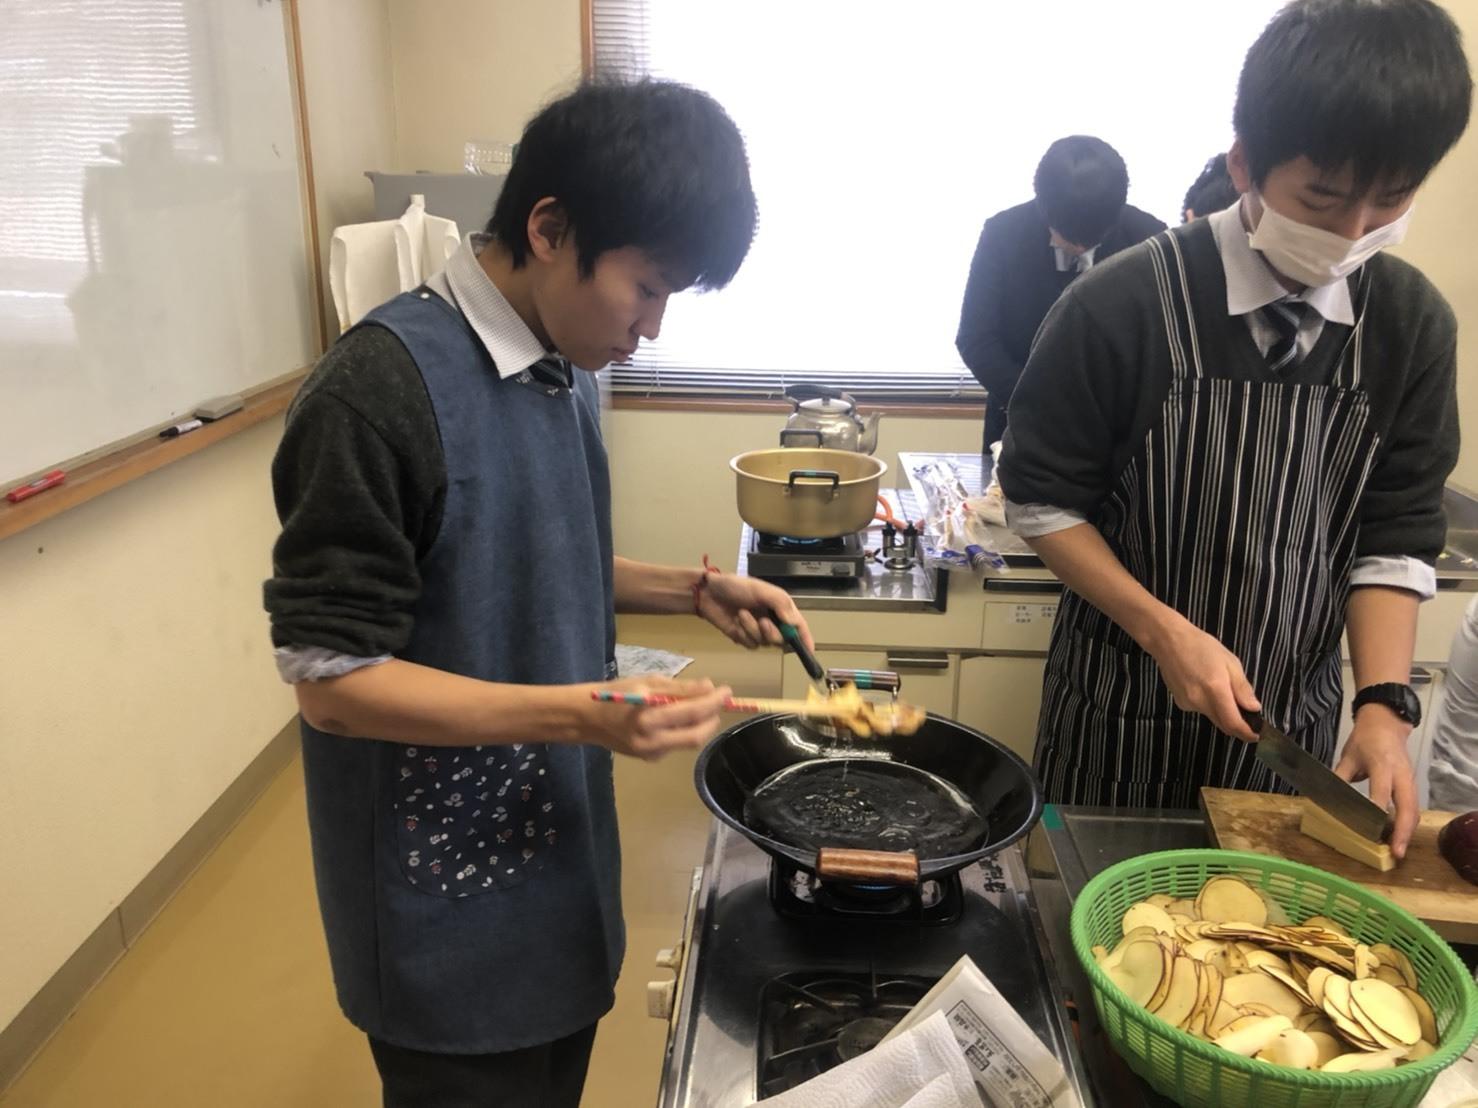 20200113(5)サツマイモ料理を高倉の方と一緒に